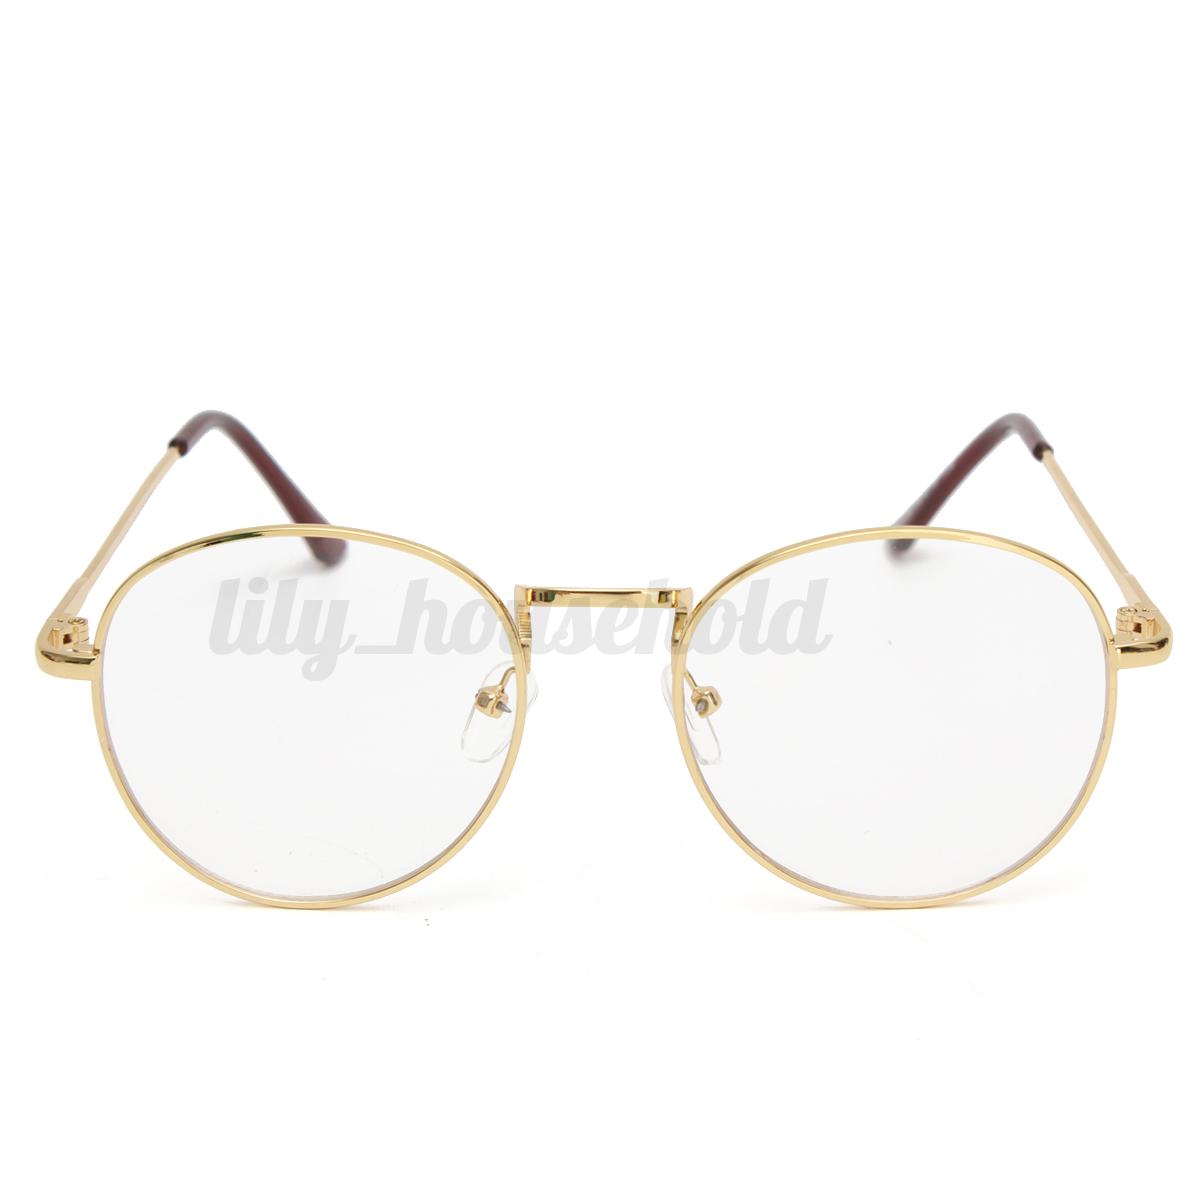 Damen Herren Retro Vintage Klarglas Oval Brille Brillen Gläser ...